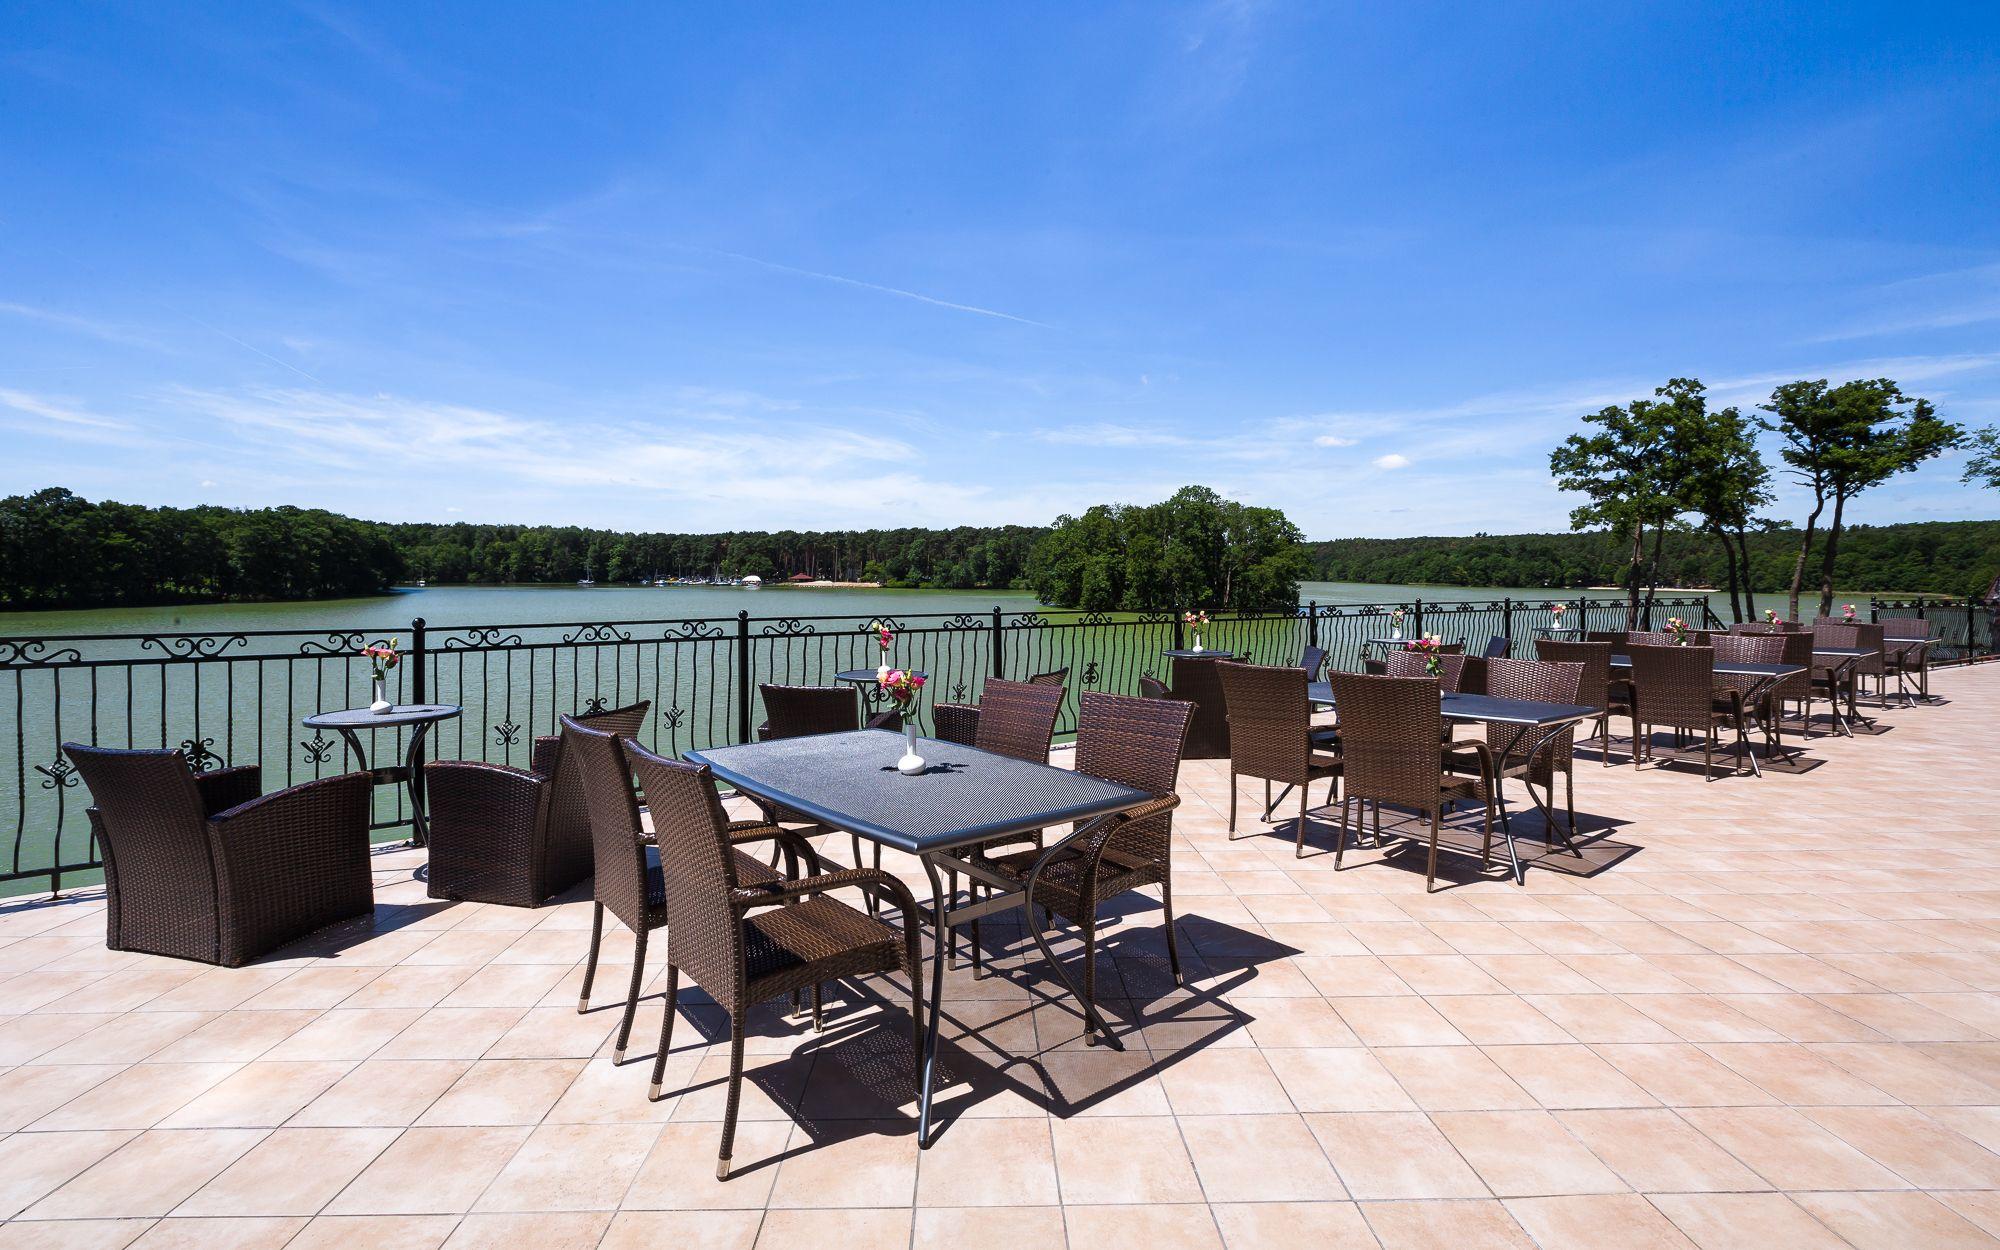 Restauracja z widokiem na jezioro